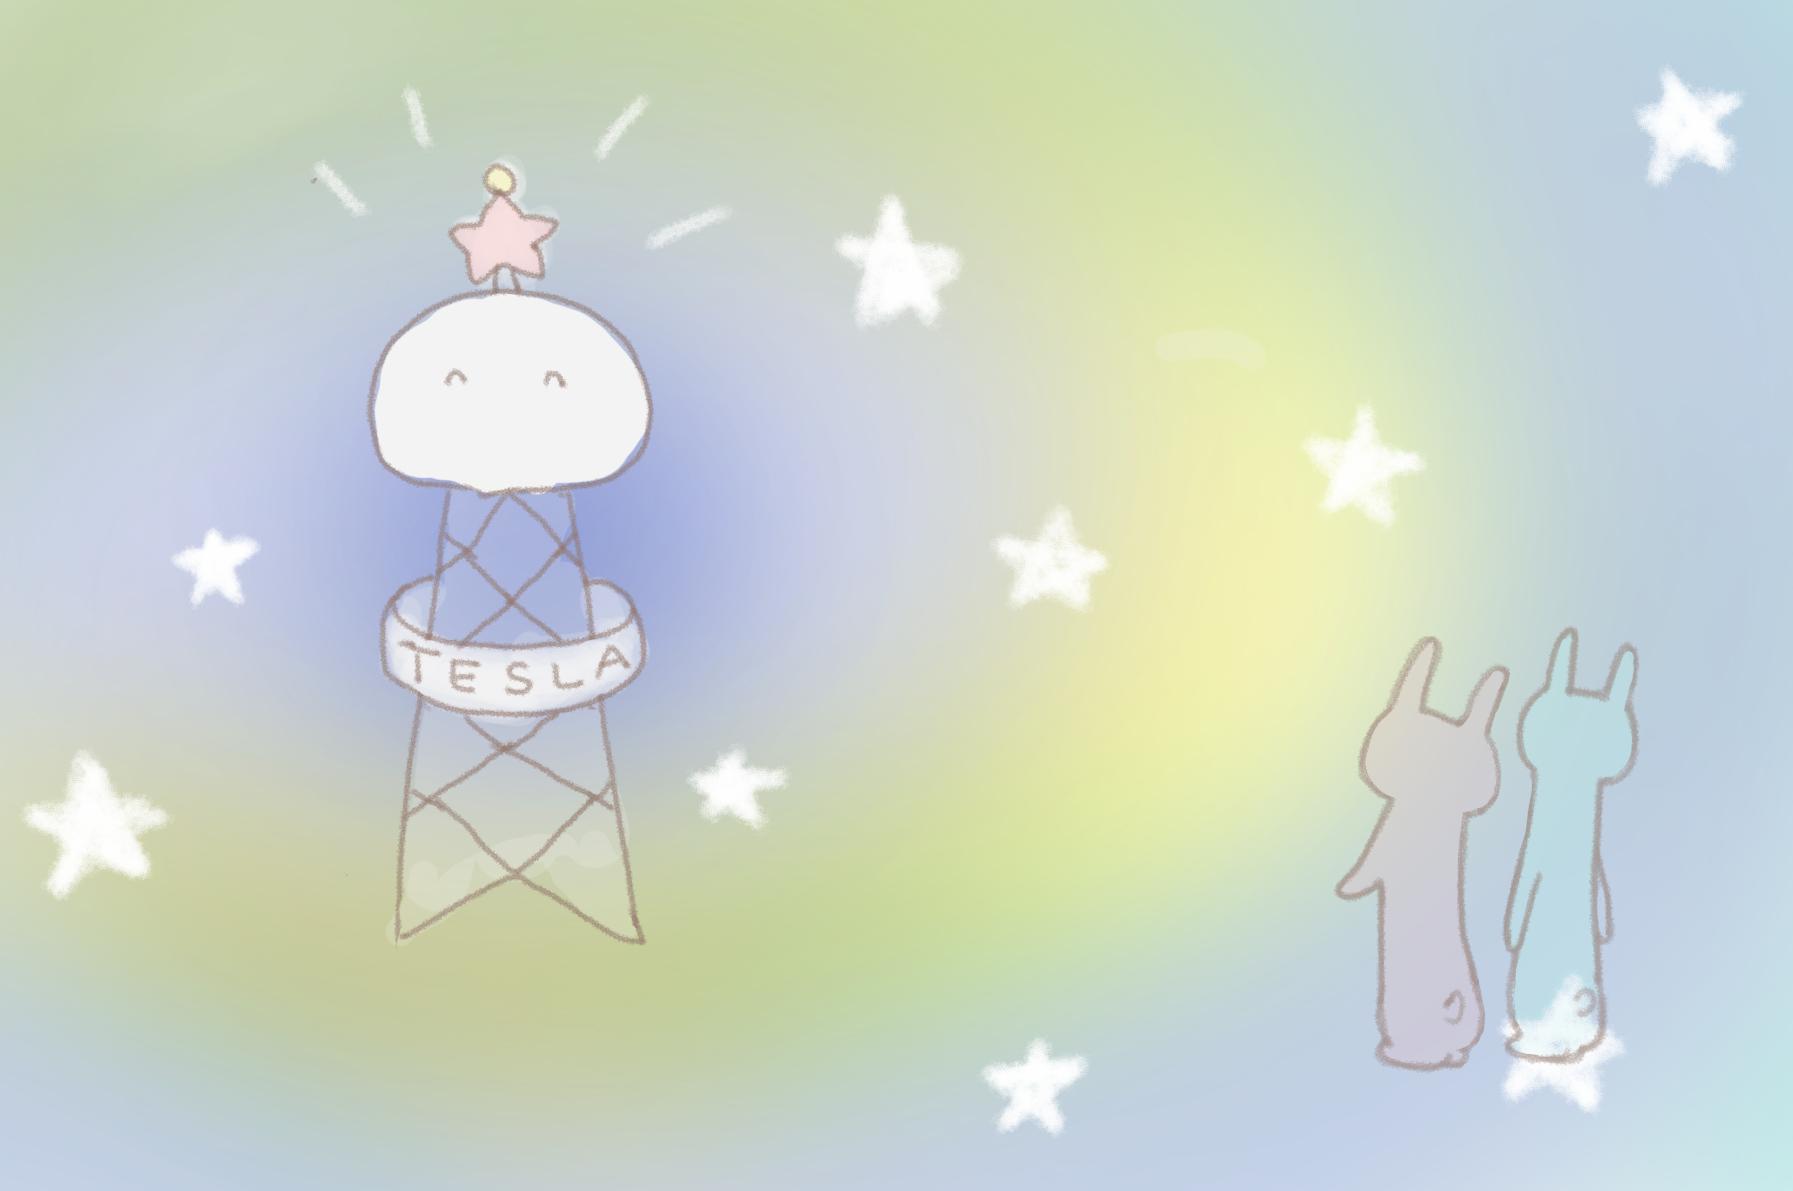 【41】新時代♡ニコラ・テスラのフリーエネルギーになったら電線とおさらば!待ちきれないうさこなのです。